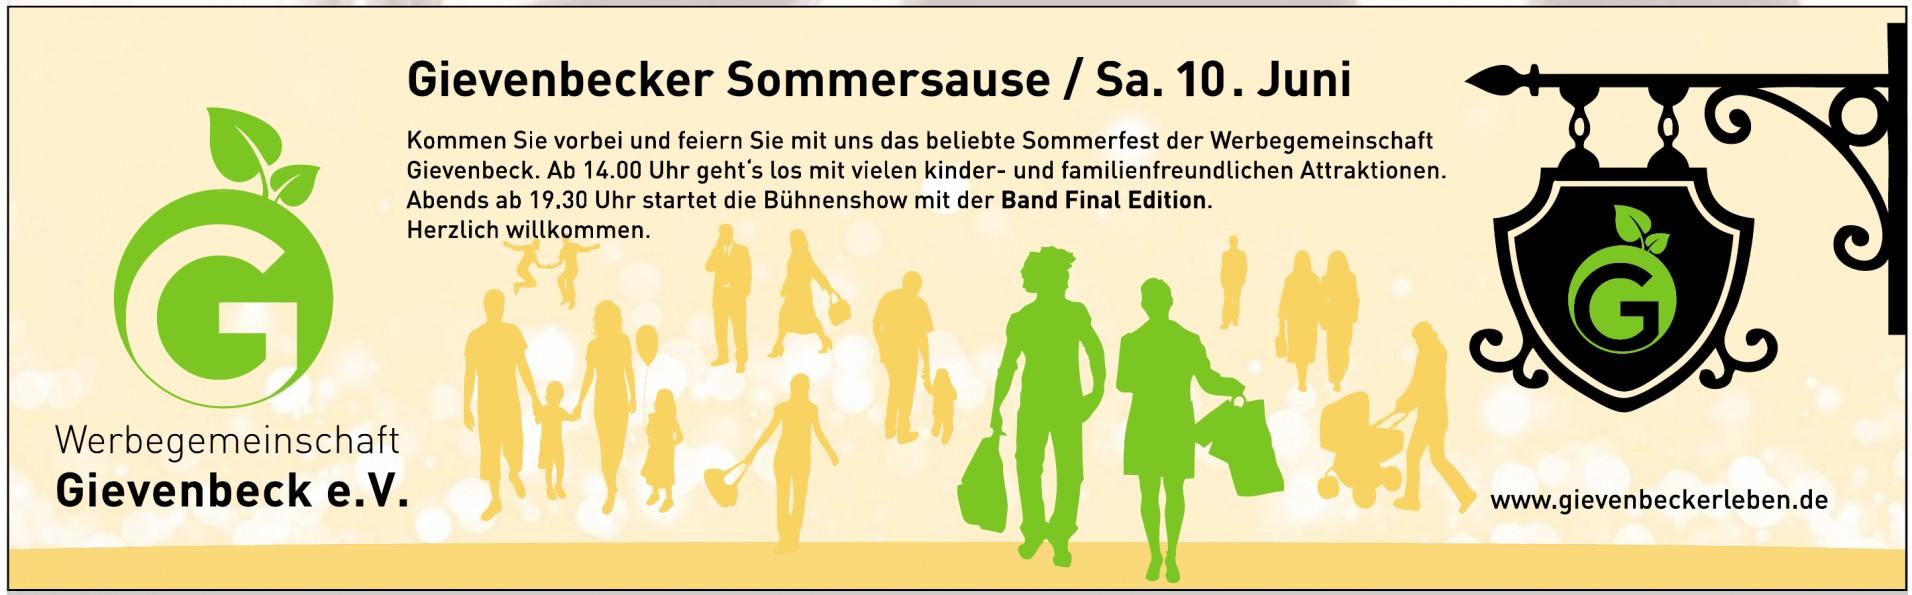 Werbegemeinschaft Gievenbeck e.V. - Gievenbecker Sommersause